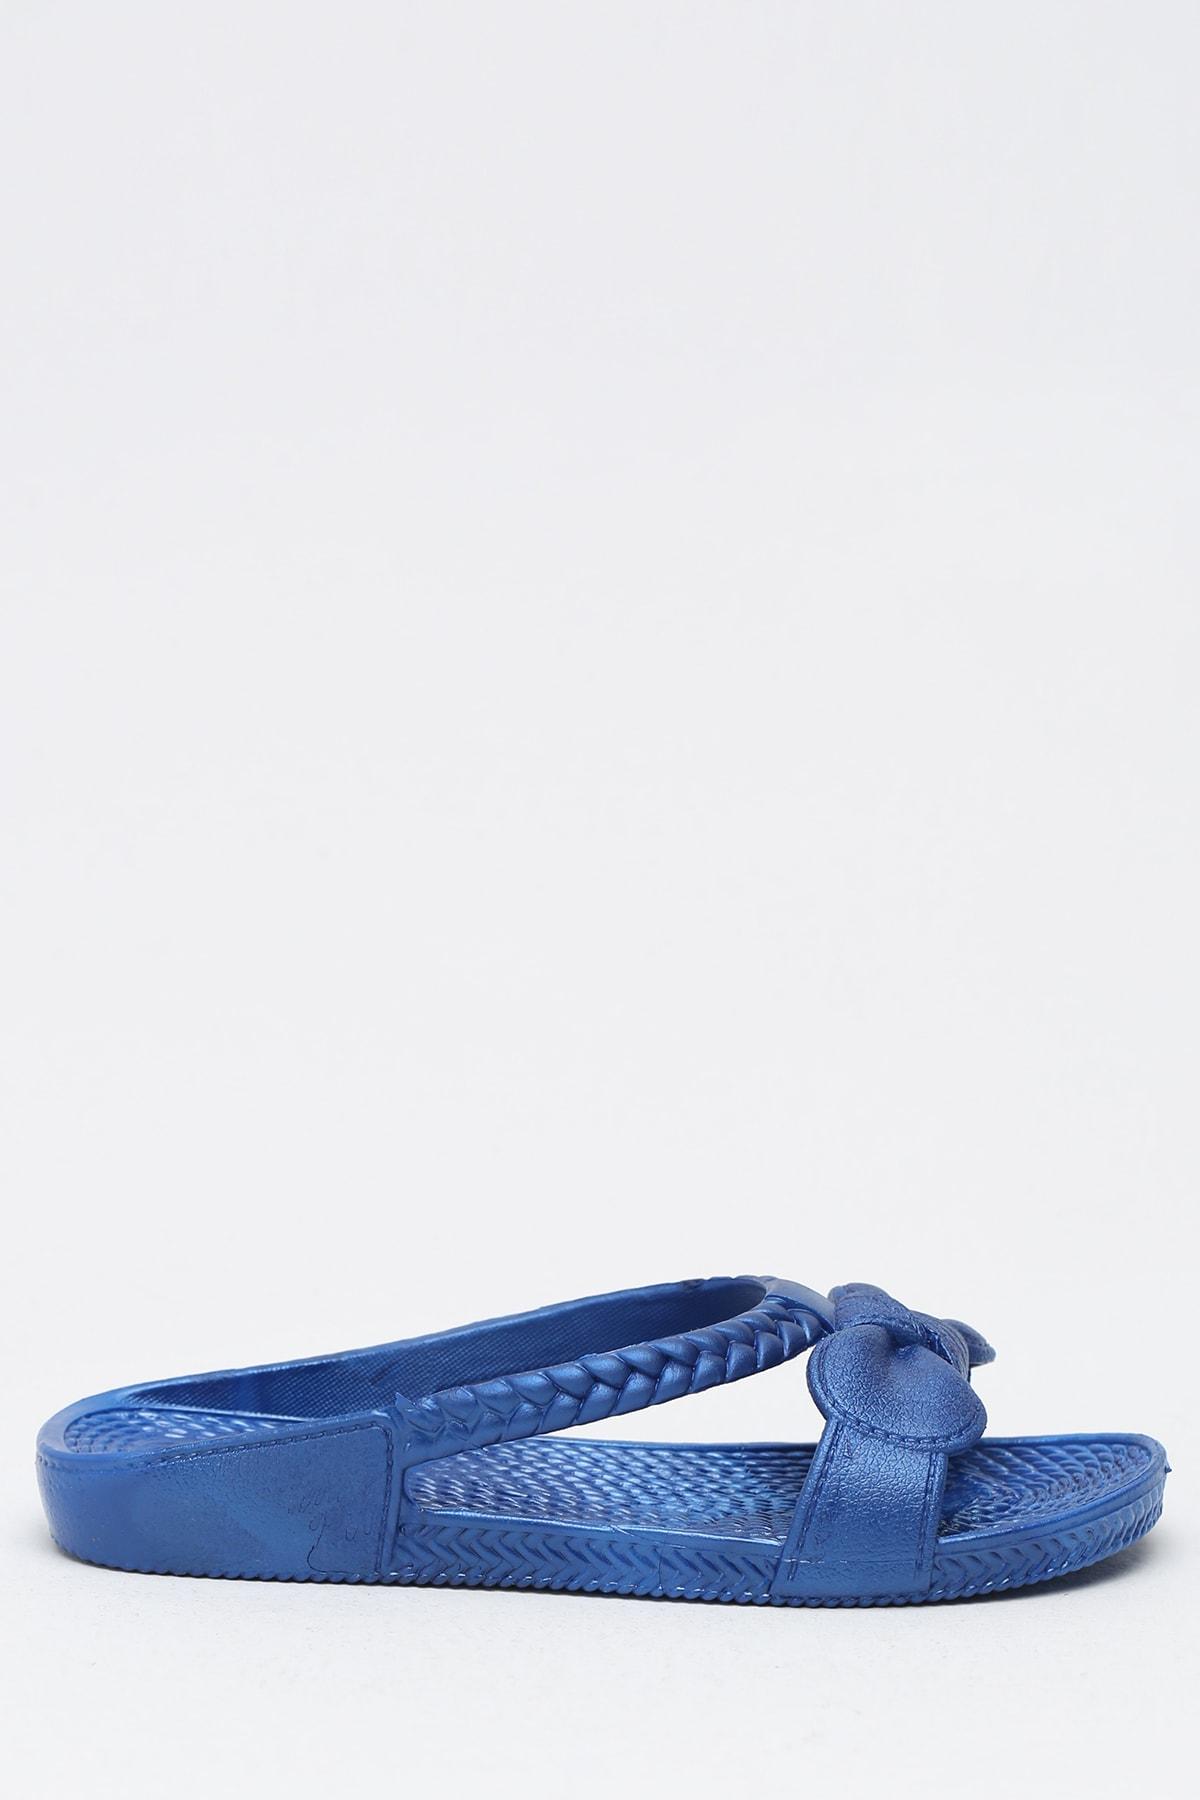 Ayakkabı Modası Saks Mavi Kadın Terlik M9999-19-100230R 1